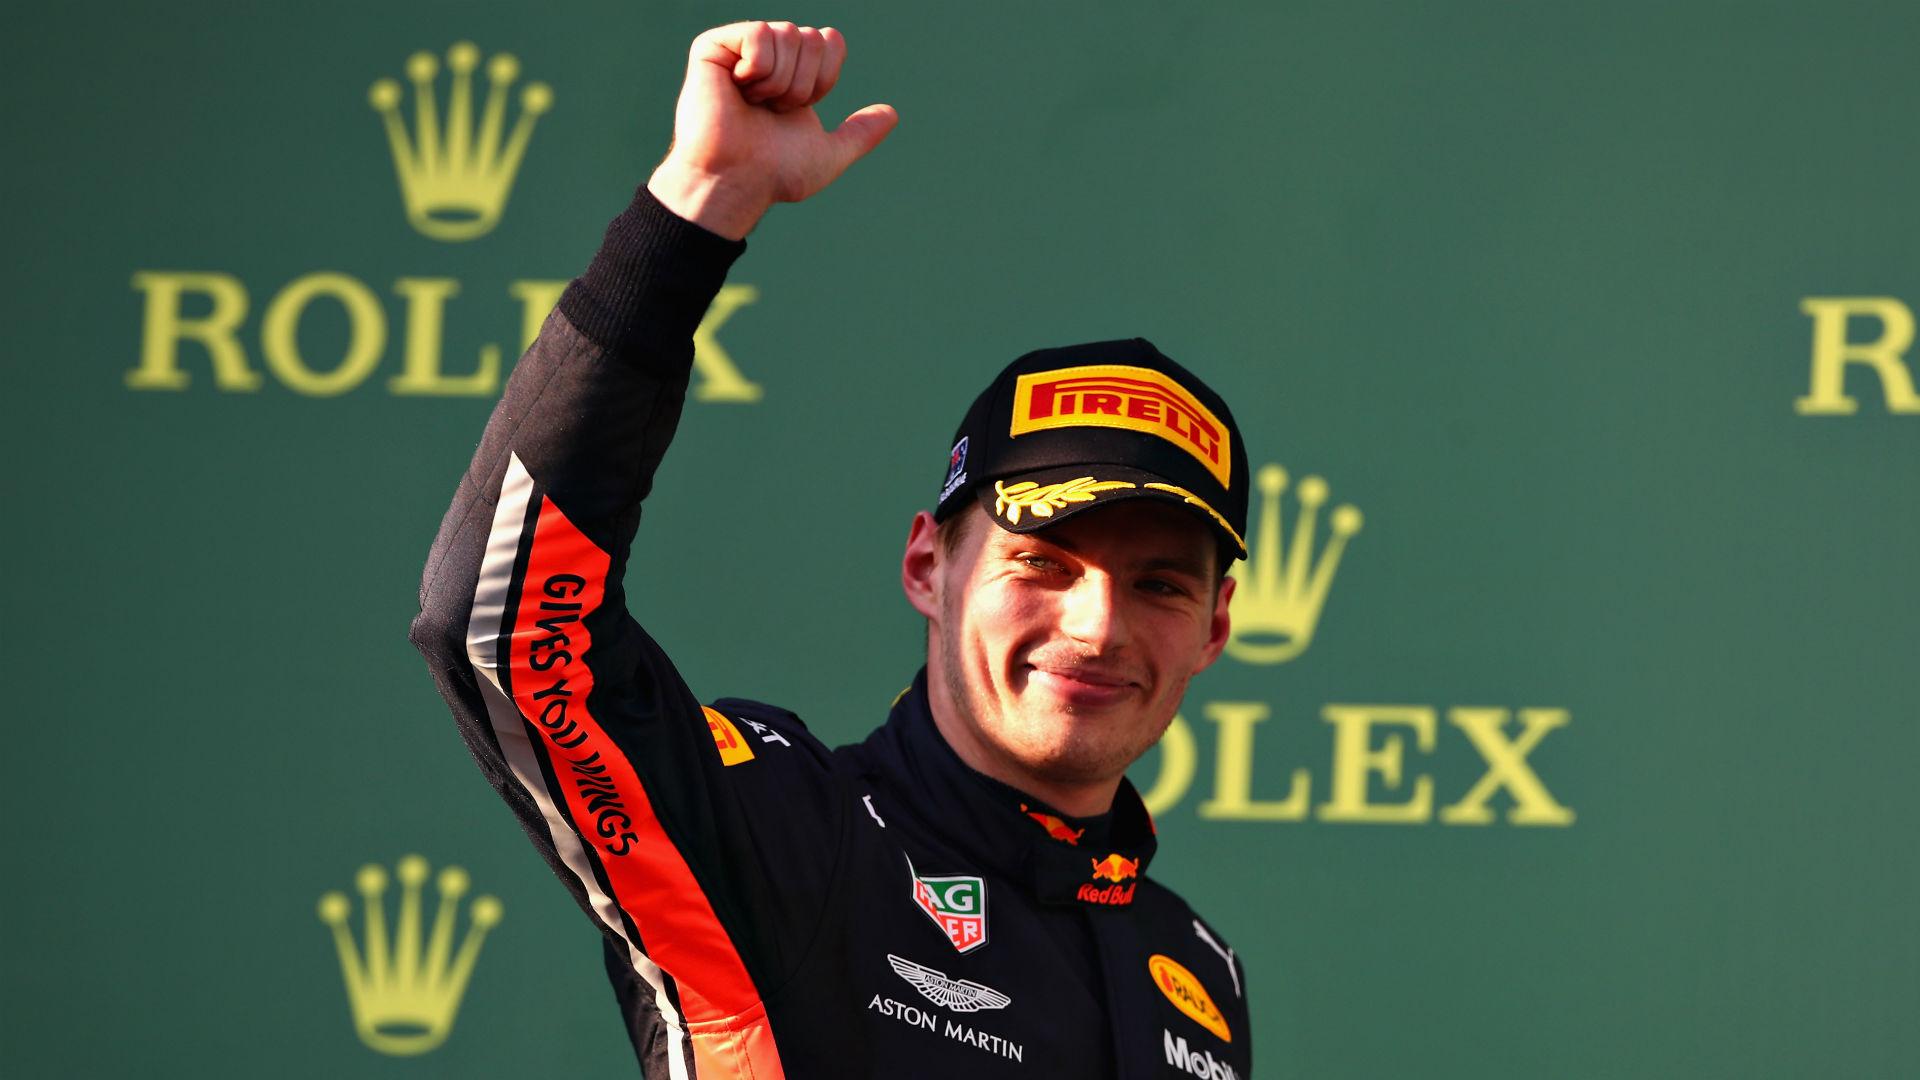 Verstappen revelling in Red Bull's 'amazing' new Honda era